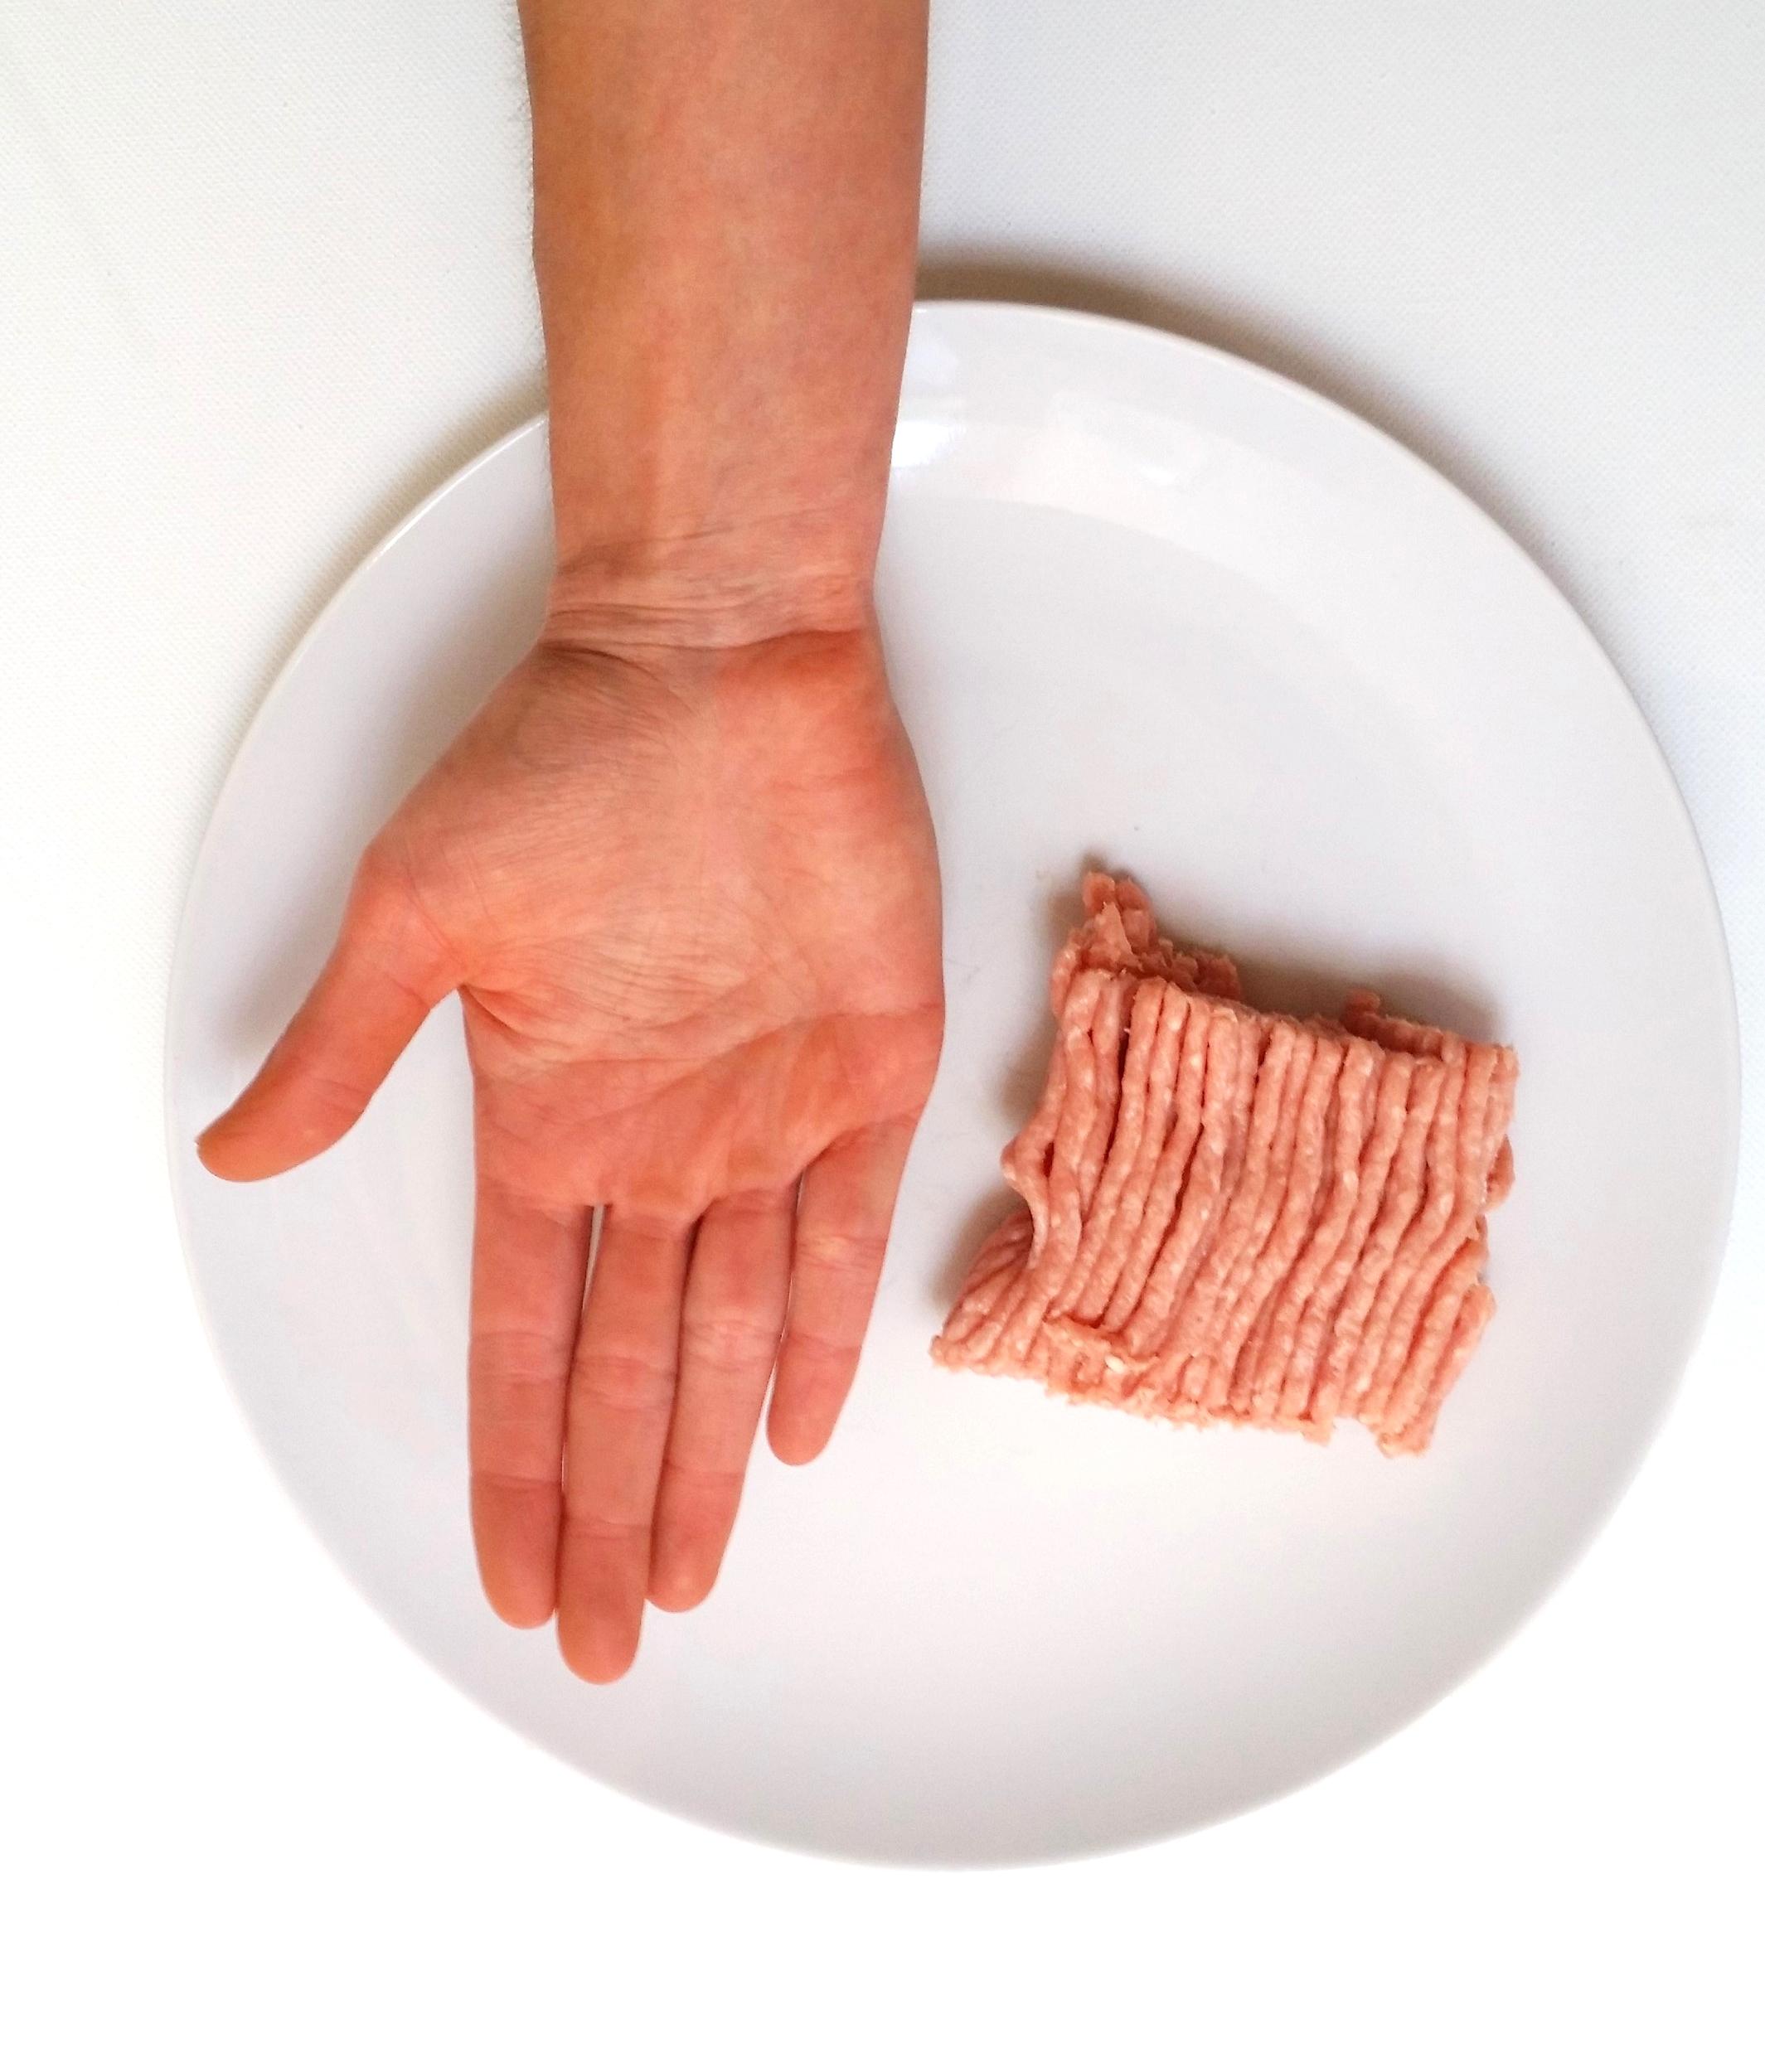 Turkey is a protein